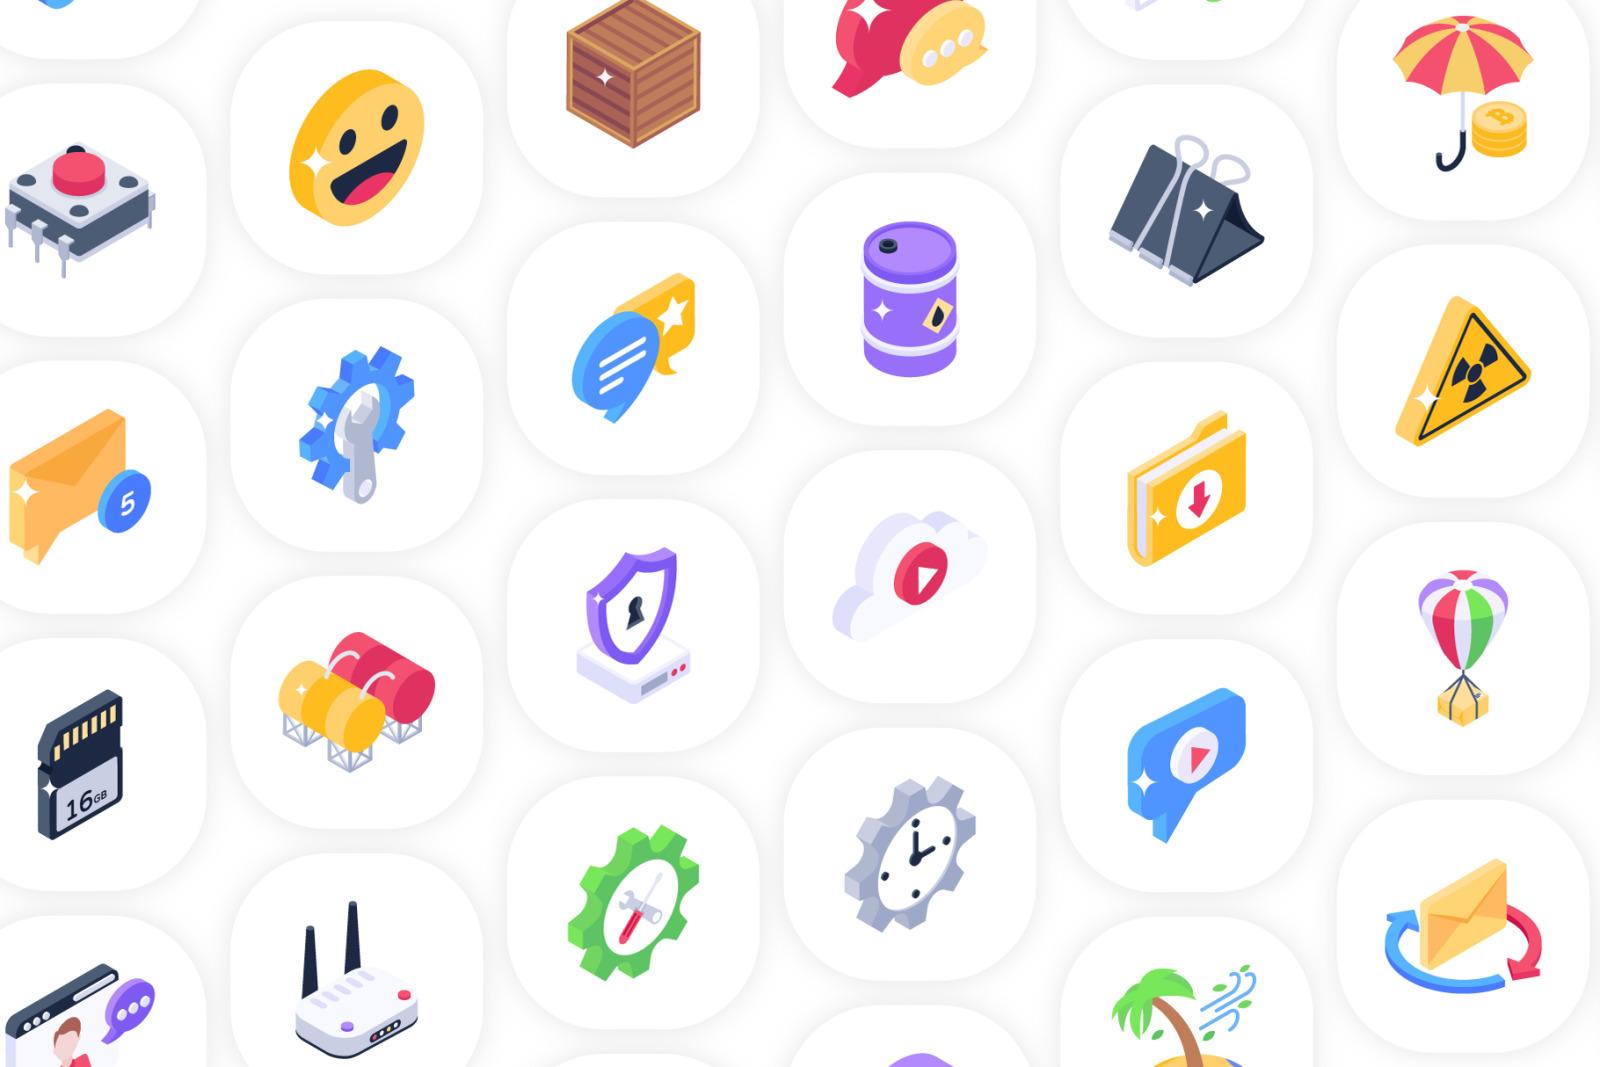 2500+ Isometric Icons